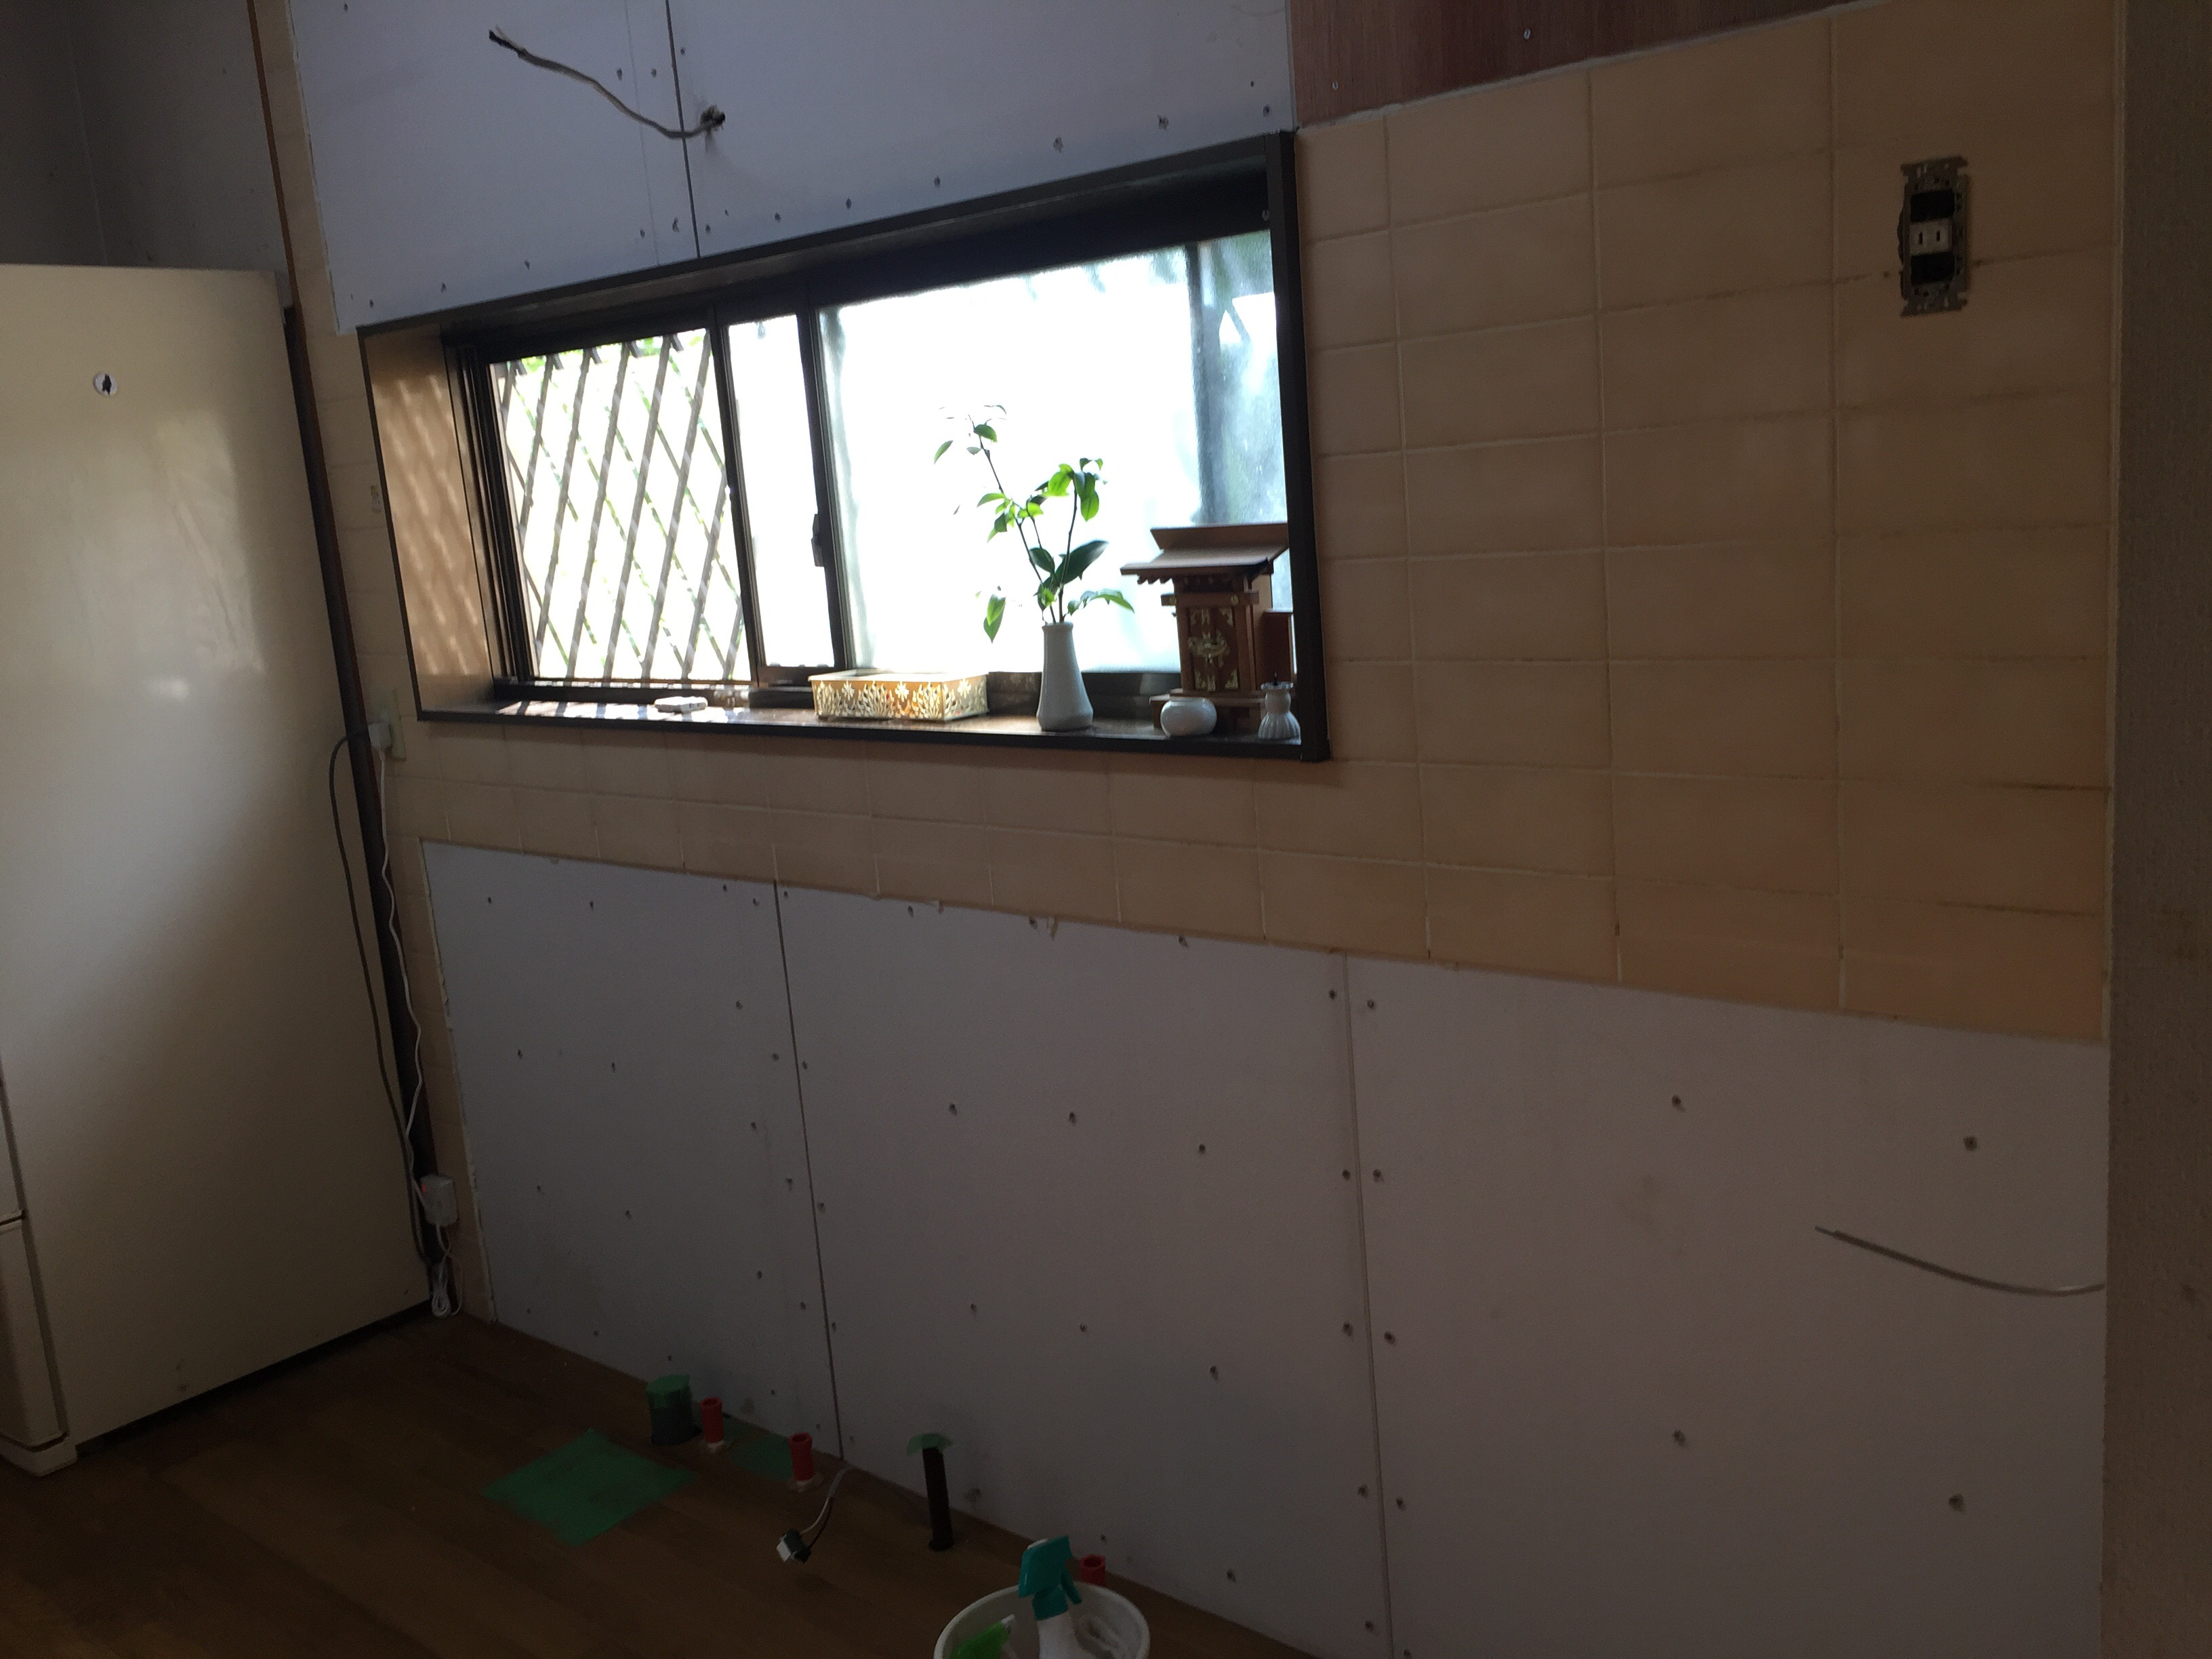 新居浜市 キッチンリフォーム 配管・配線